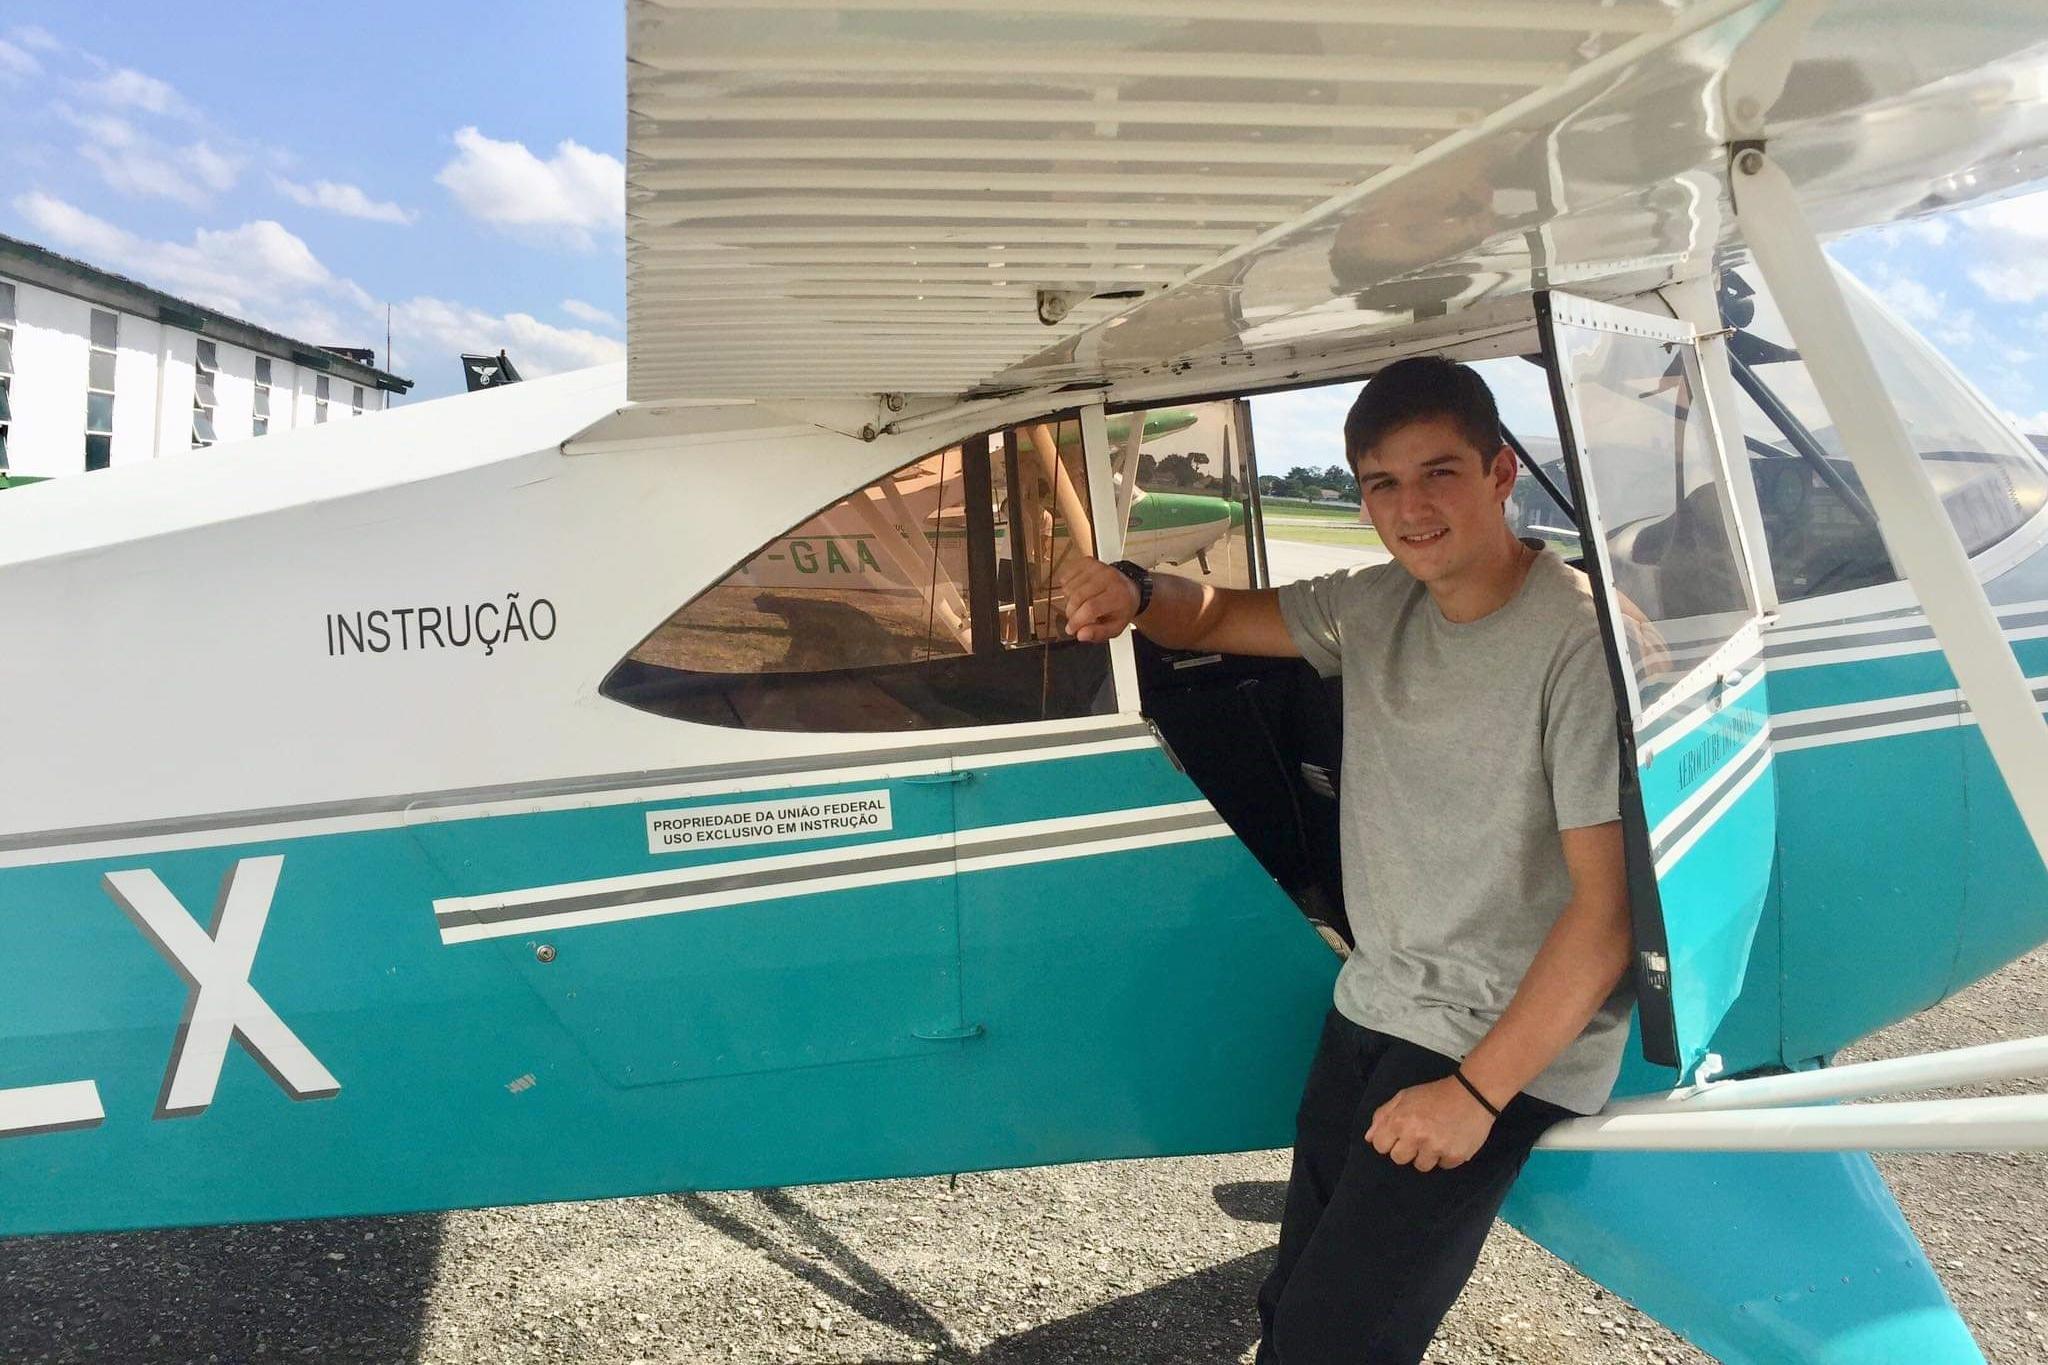 #TôNaPista – Leopoldo Gubert voa na esgrima, na agronomia e também como piloto de aviões